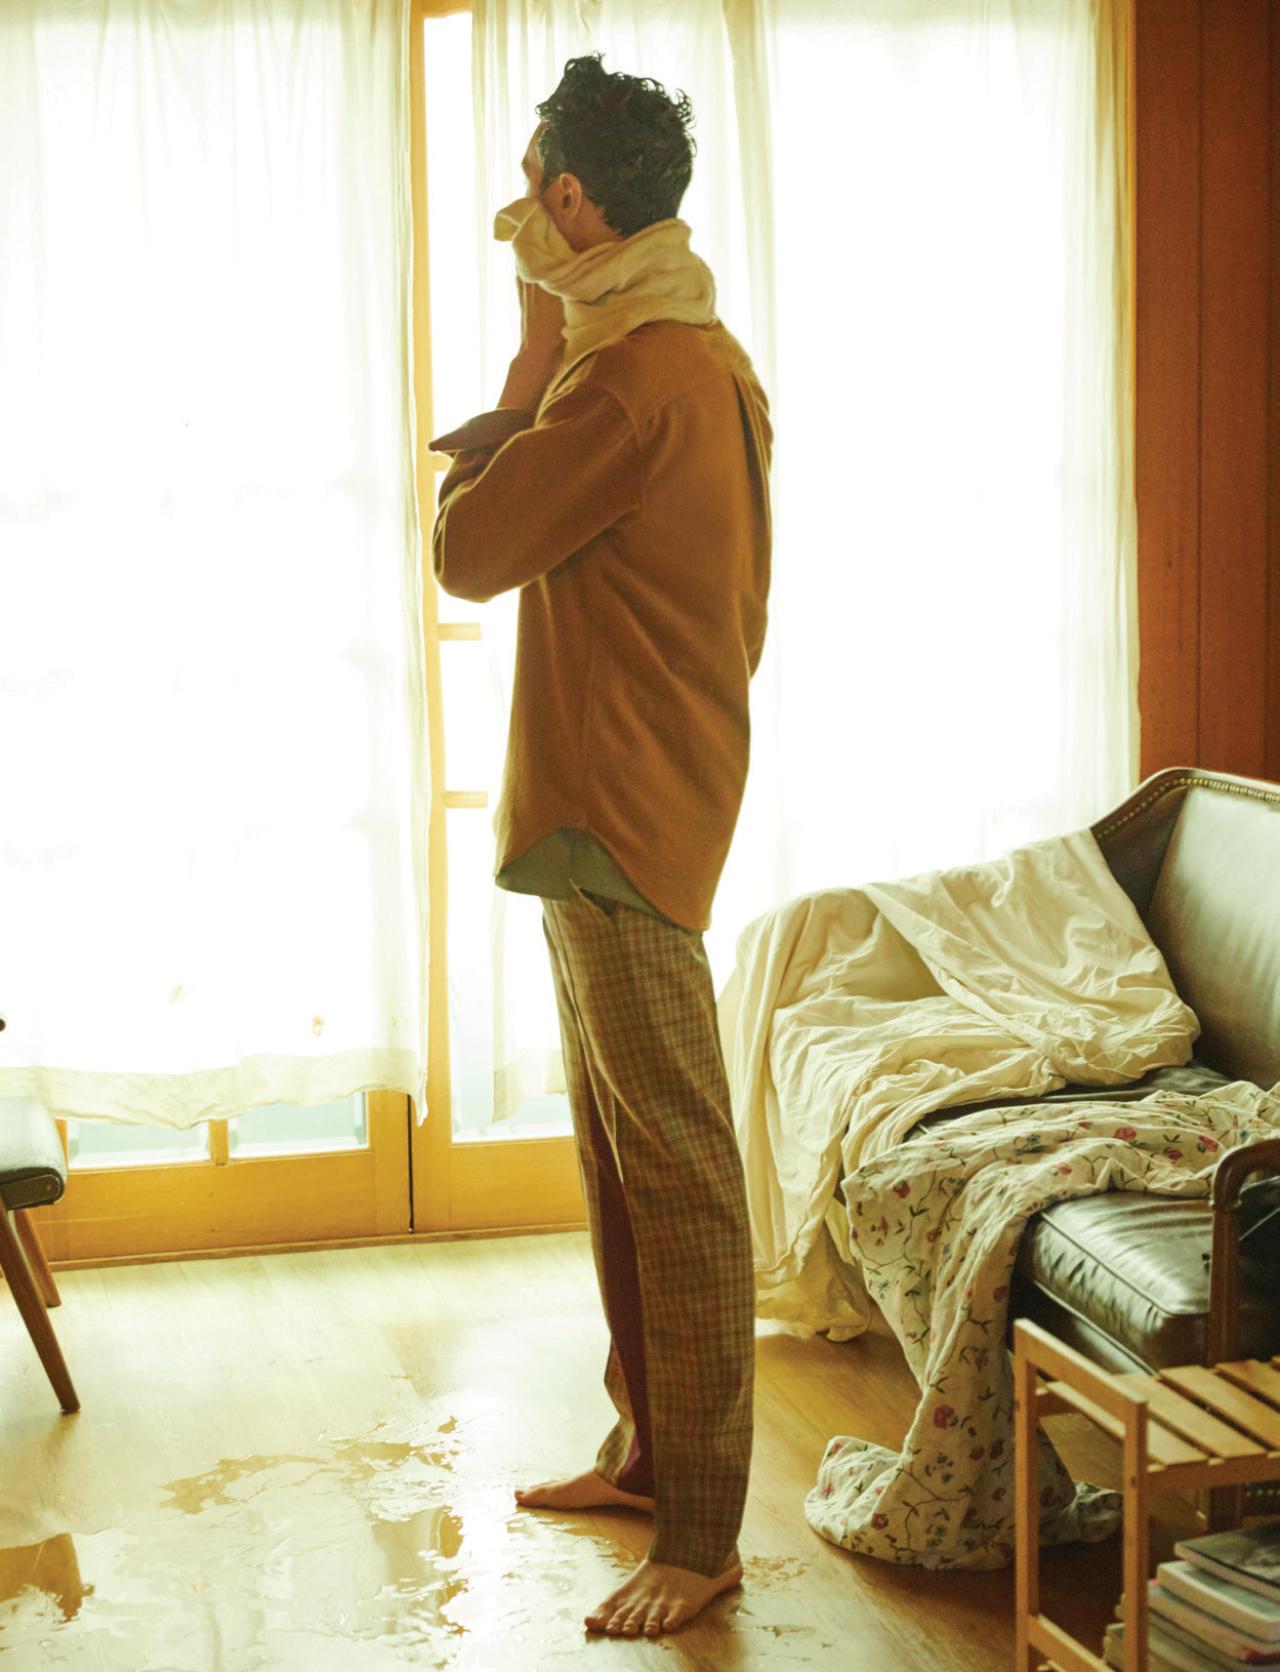 캐멀색 셔츠 39만8000원 에임레온도르 by 케비넷스. 레이어드한 민트색 민소매 톱 8만원대 코스. 바지 가격 미정 프라다.